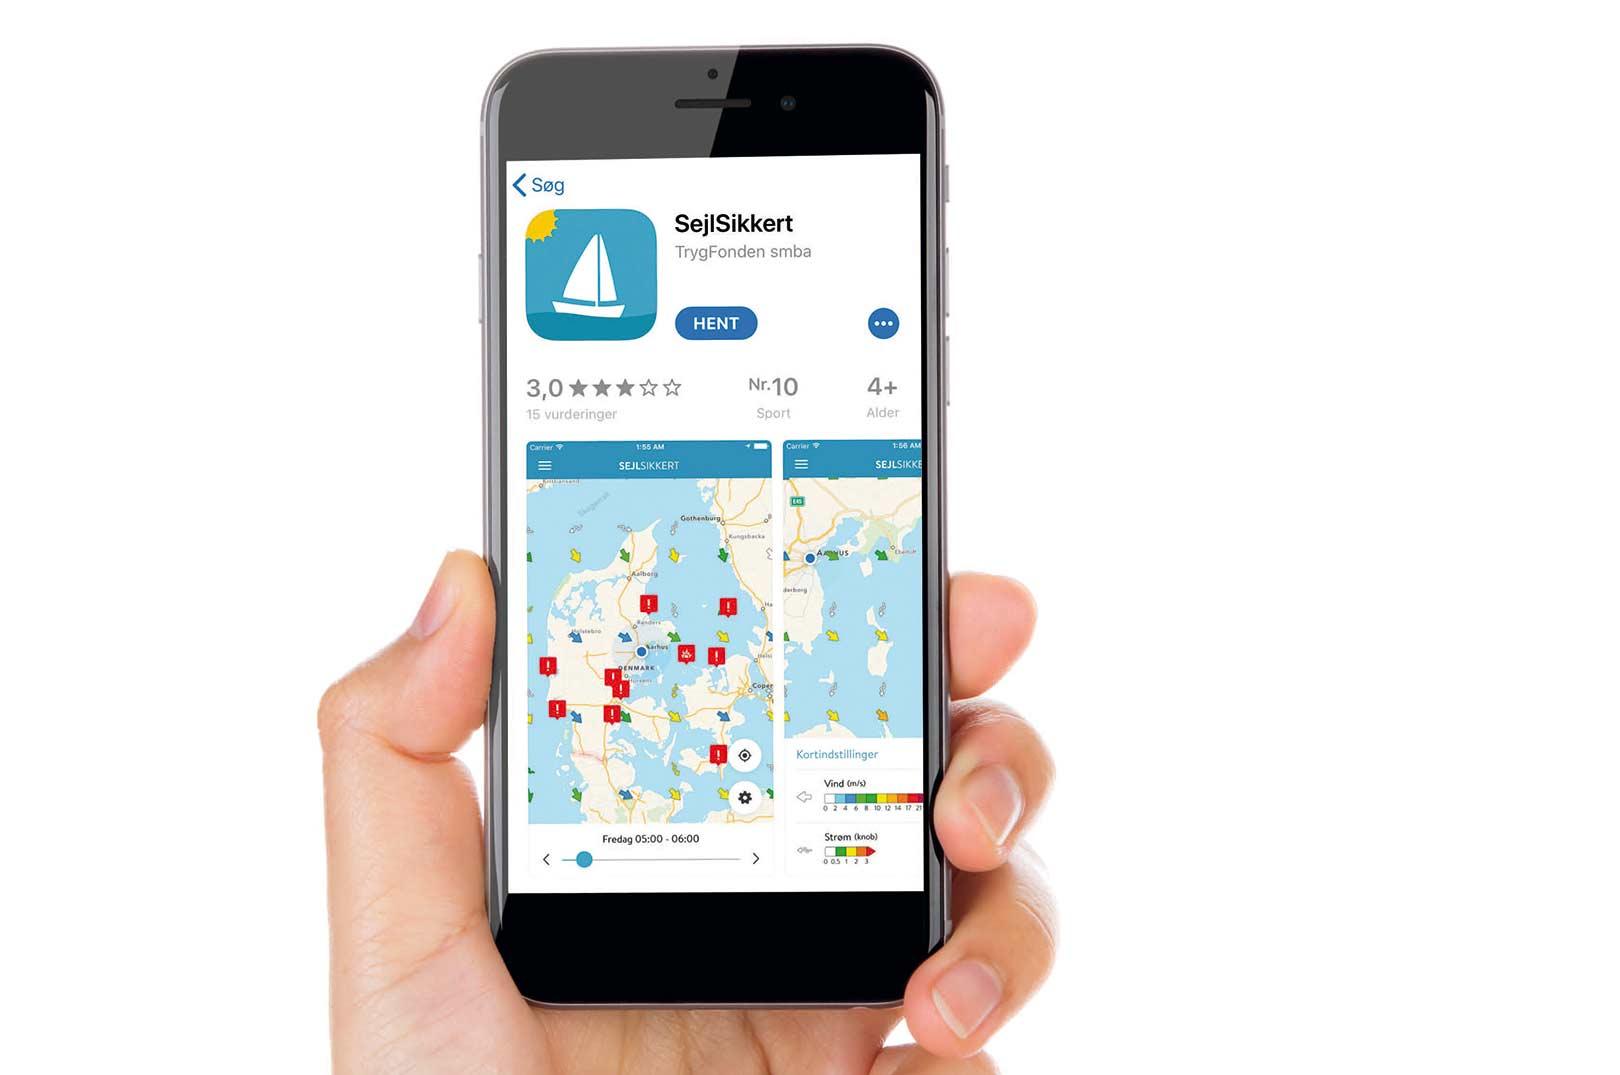 Appen er udviklet af Sejlsikkert, som er et samarbejde mellem Søsportens Sikkerhedsråd og TrygFonden. Den er tilgængelig i App Store og Google Play først på sommeren.